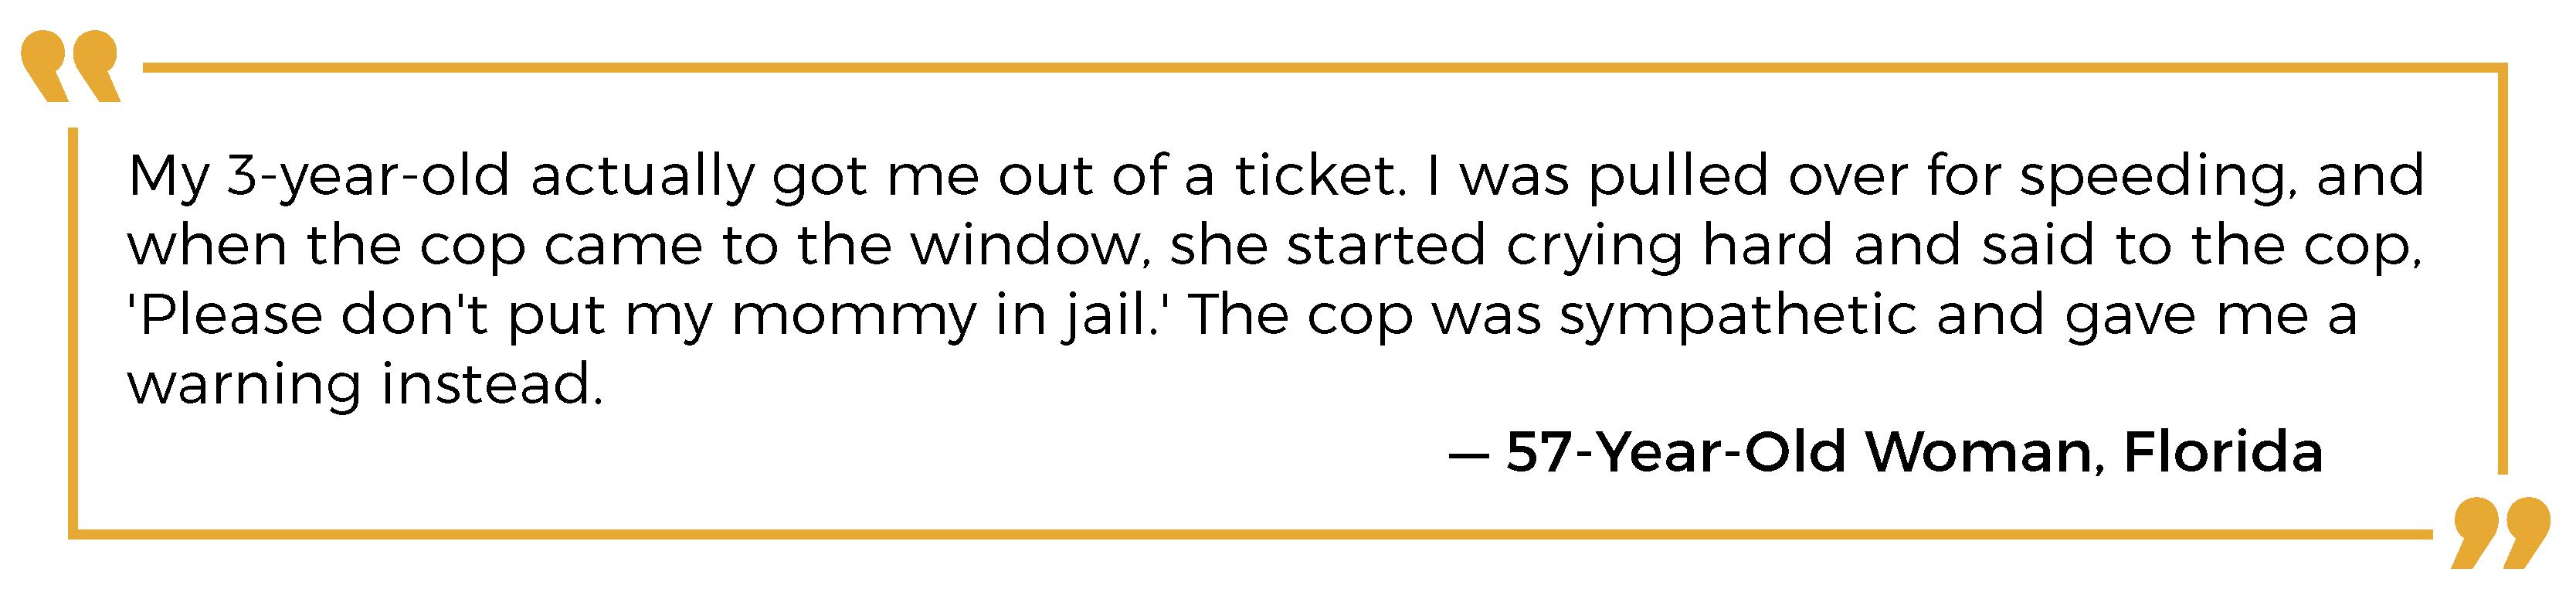 quote-female-57-florida